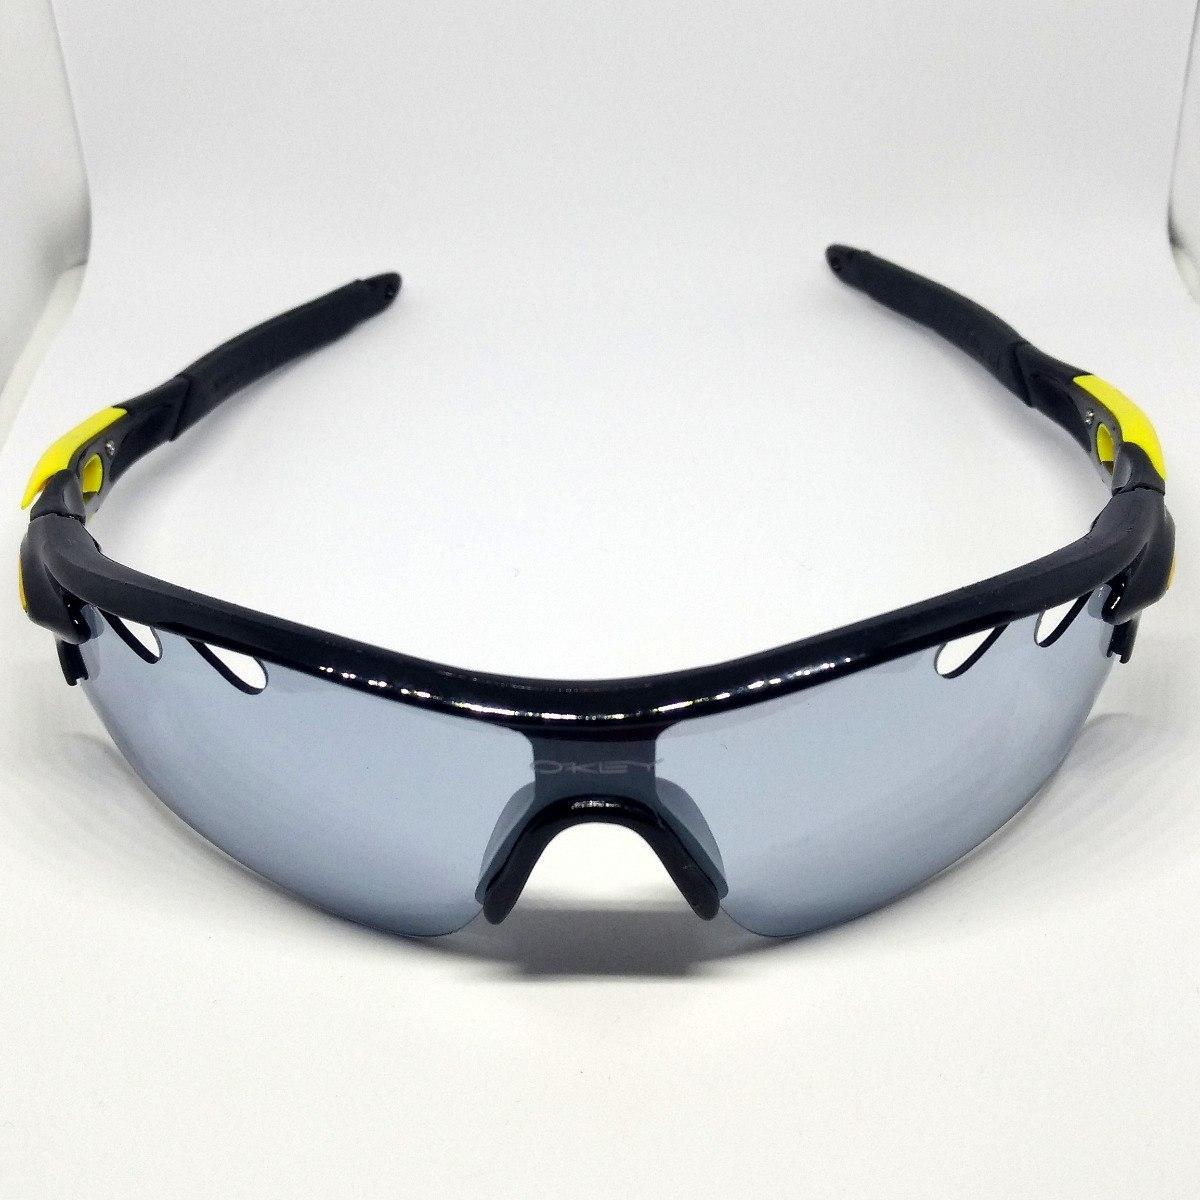 Oculos Visao Noturna Original Sport Promocao - R  99,45 em Mercado Livre c80e7ce602